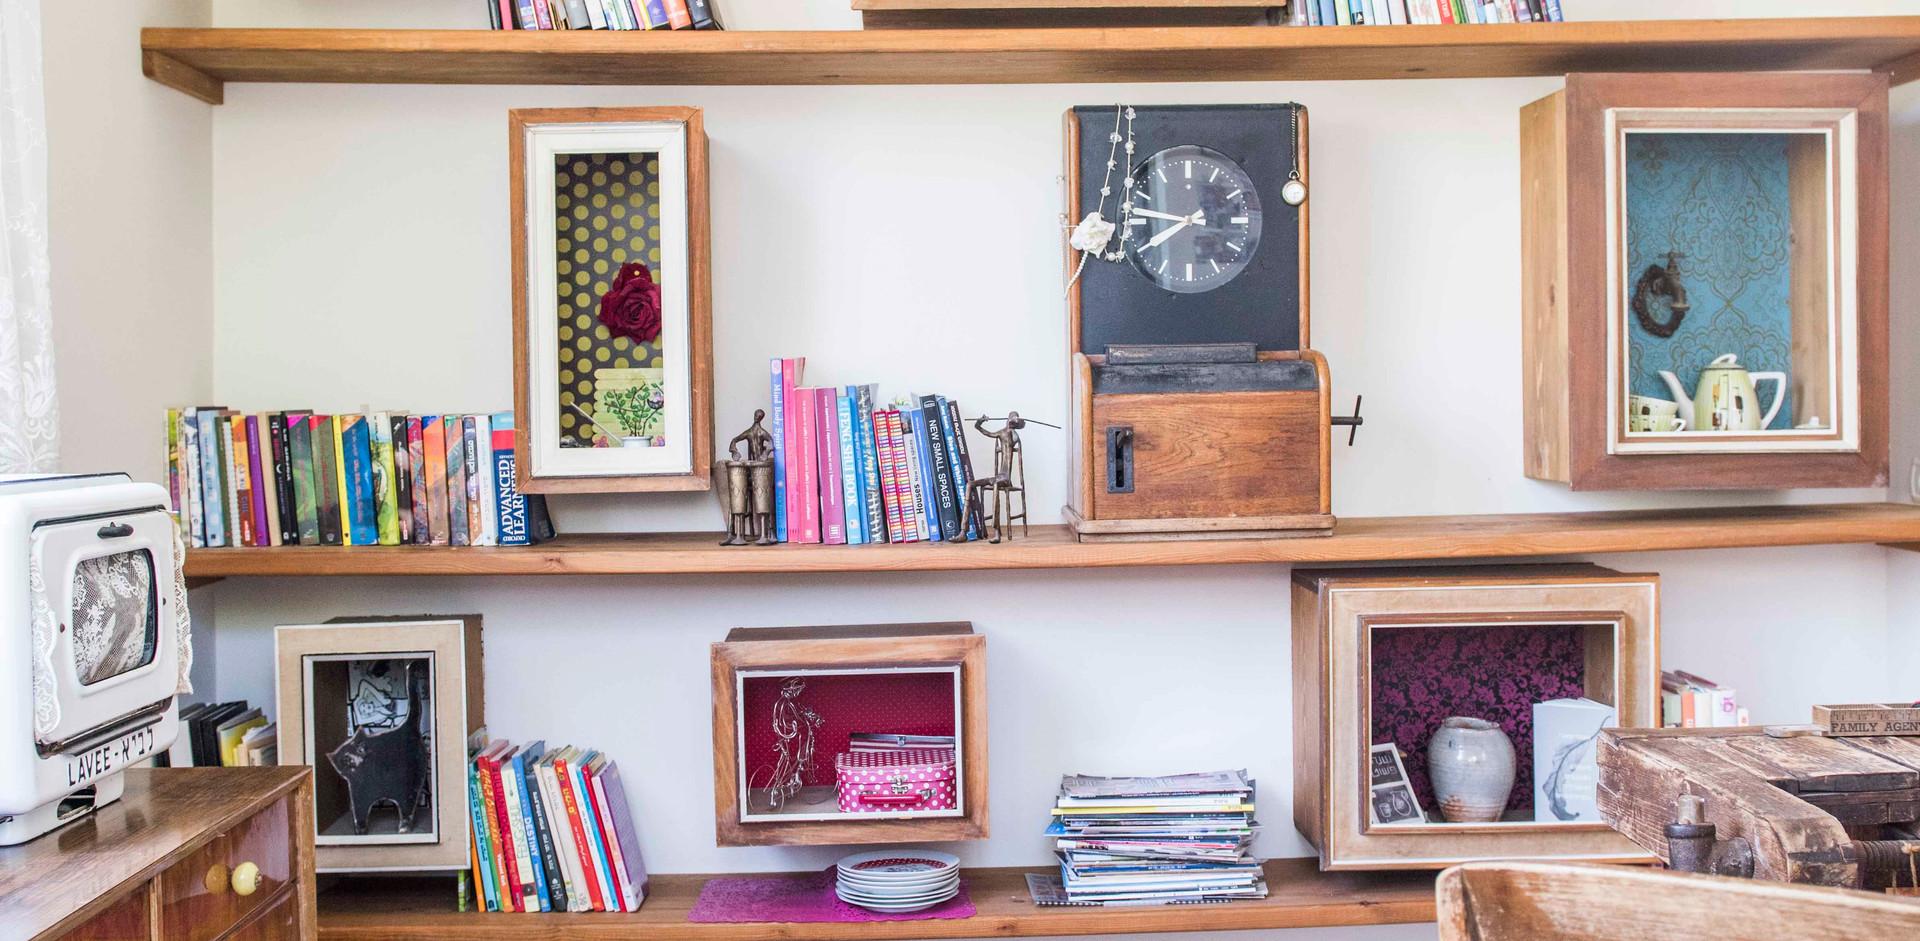 ספריה שהיא יצירה של קוביות שמולבשות על מסגרות של תמונות ישנות